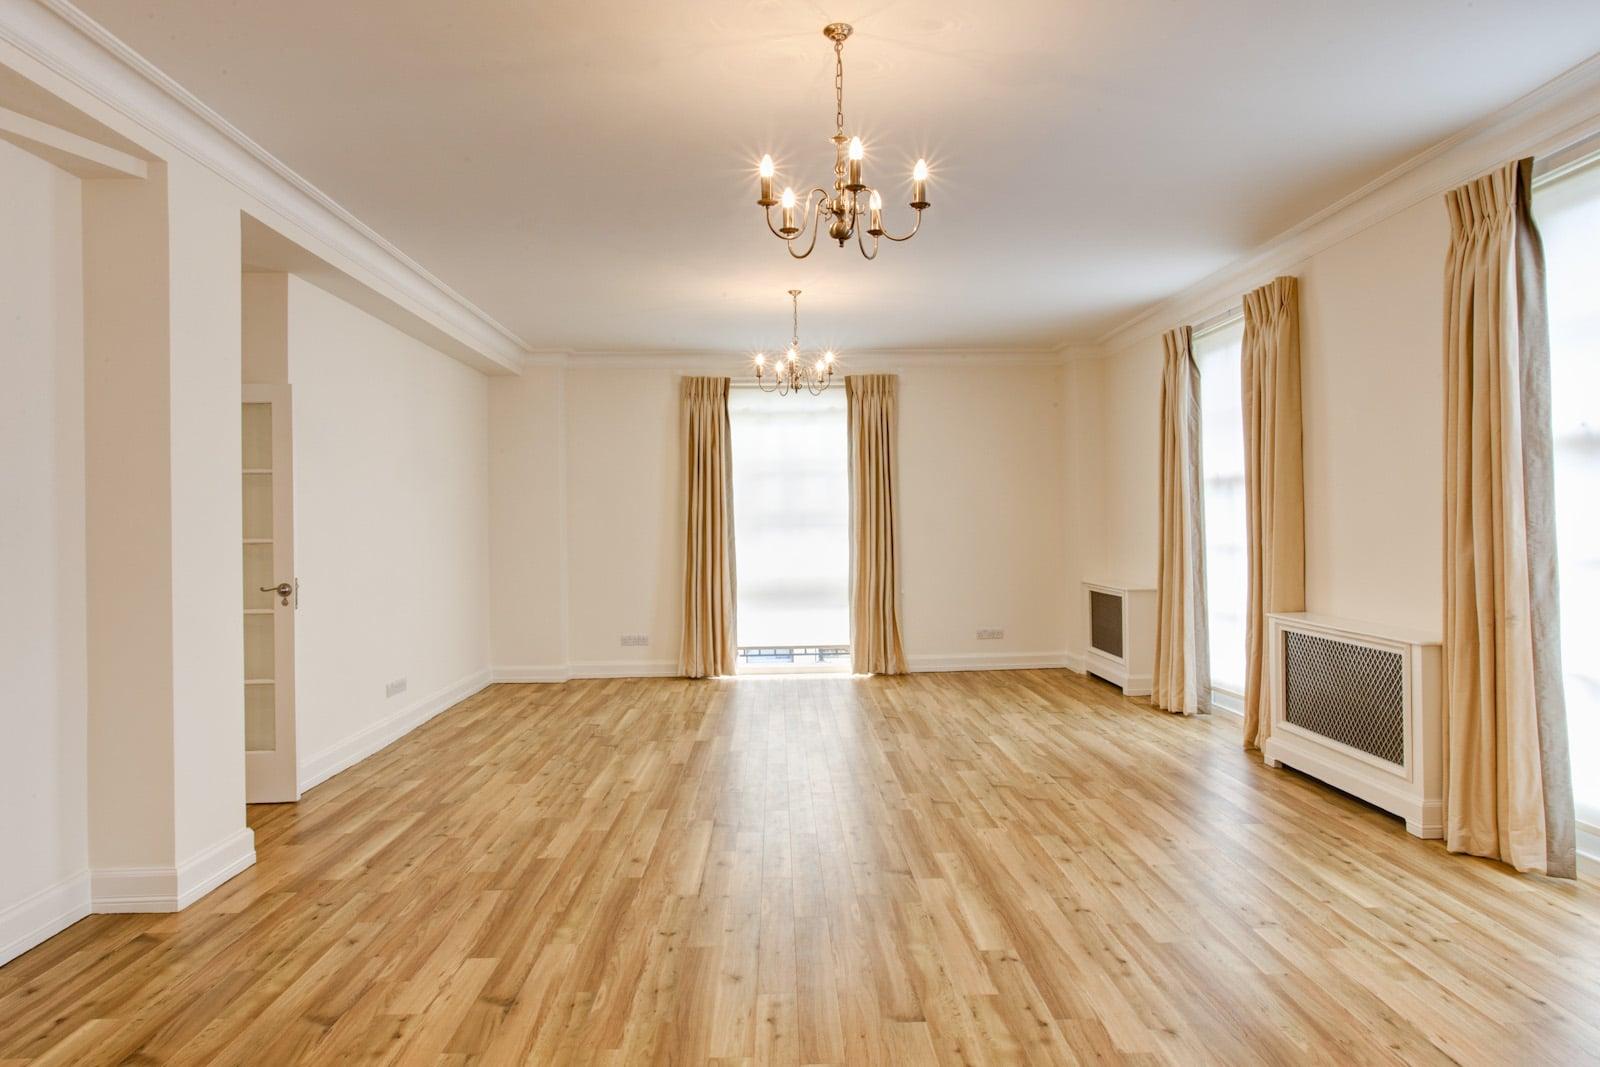 interiors-0121332-085_6_7